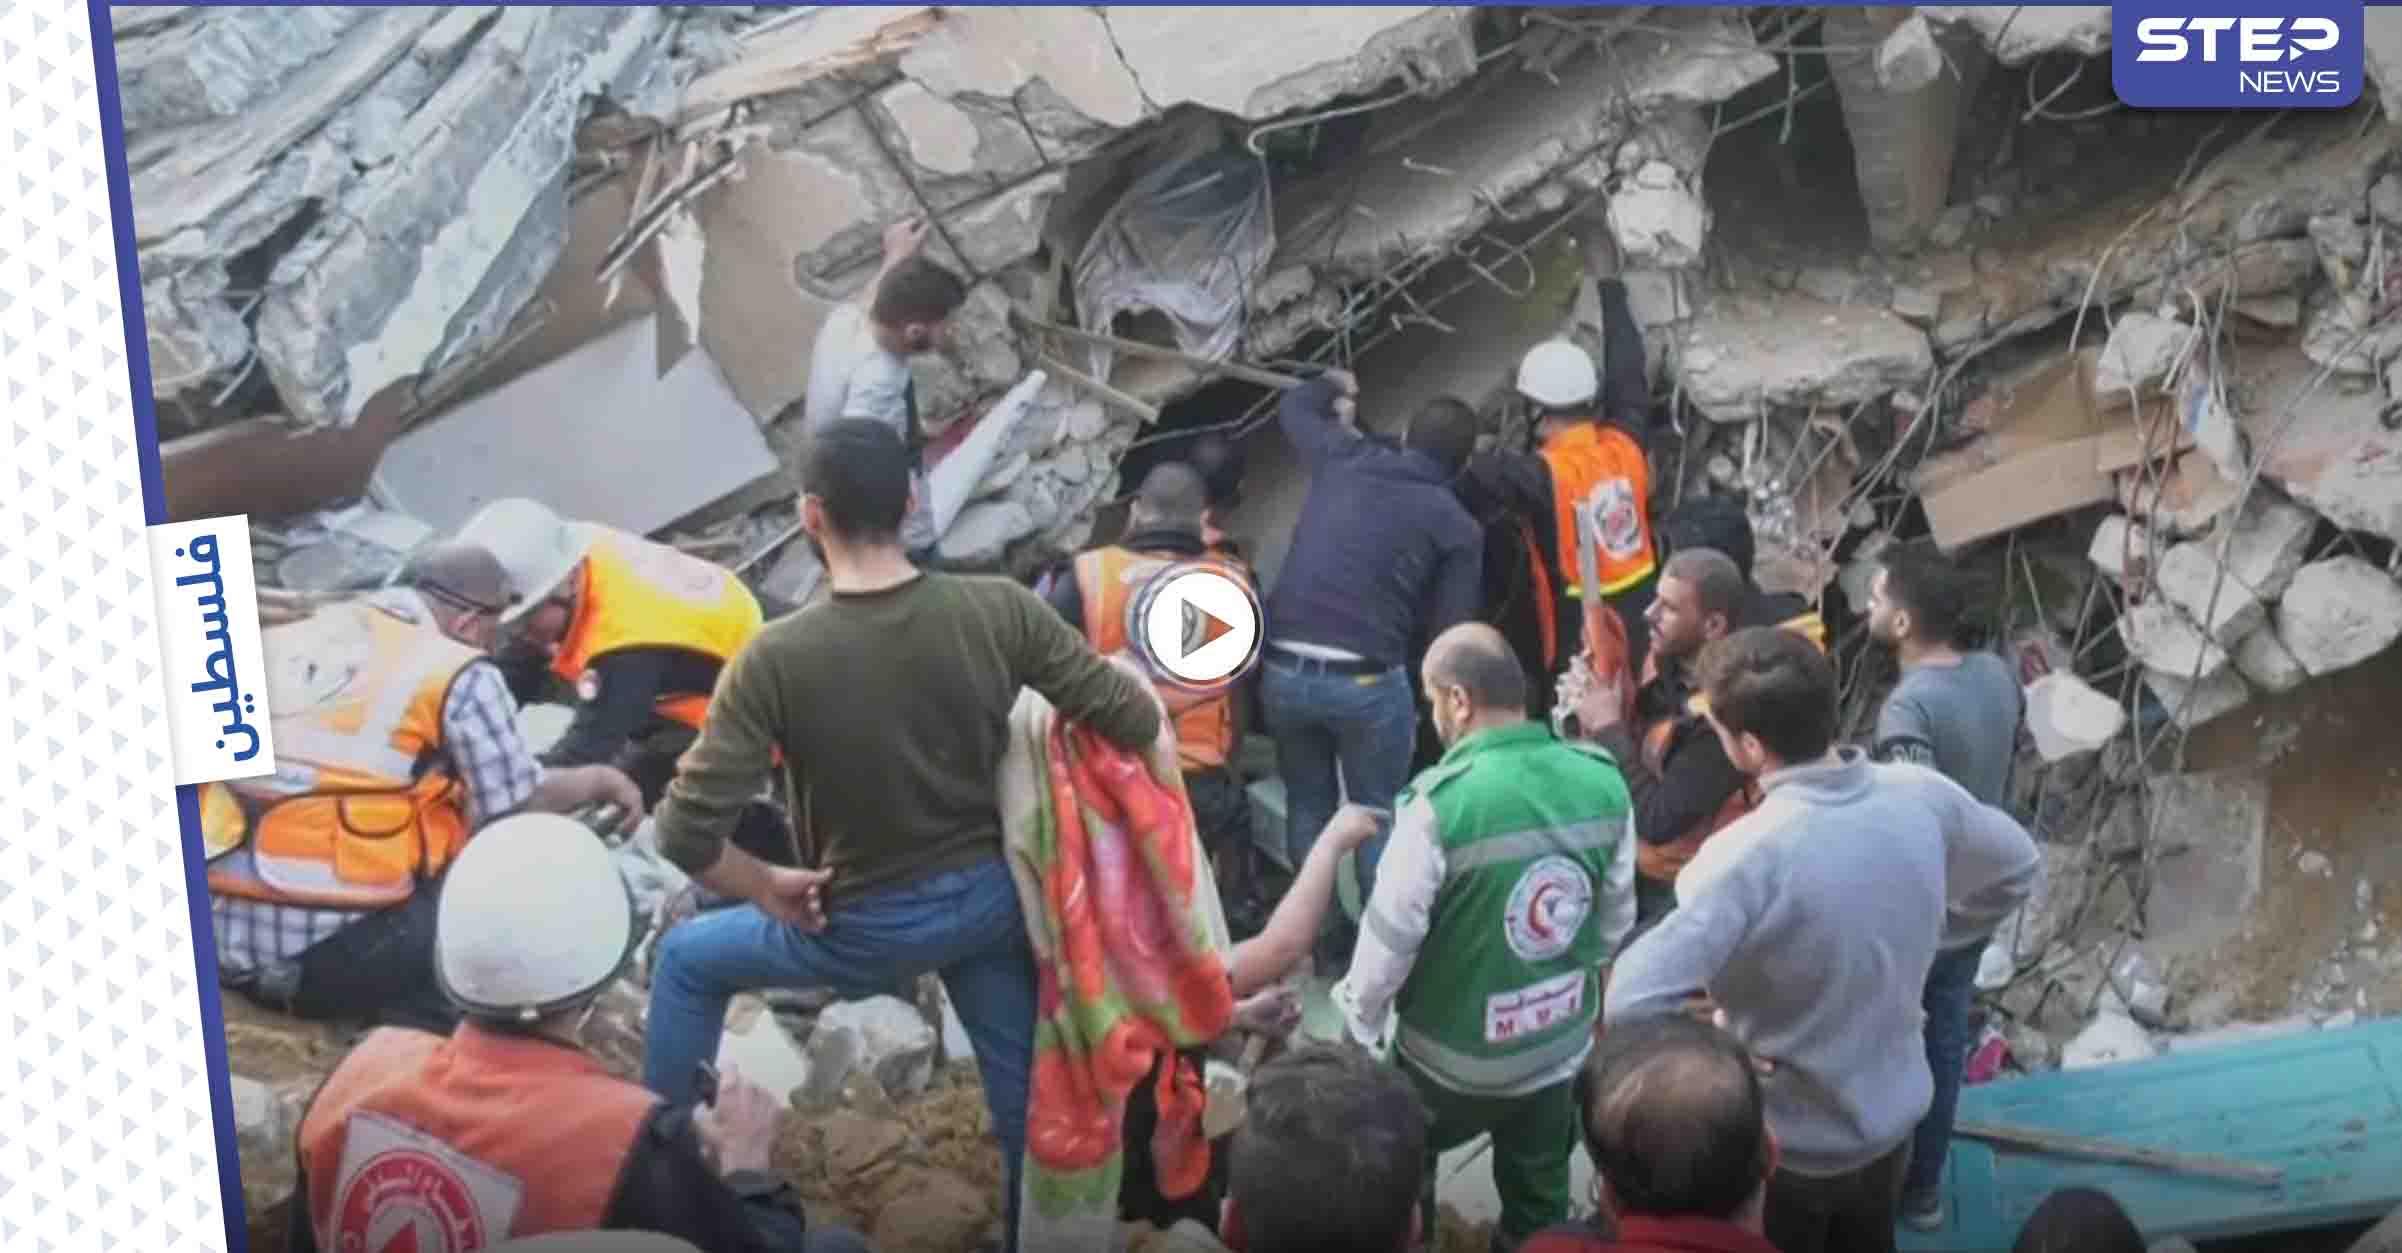 شاهد بالفيديو: لحظة إخراج رجل كبير بالسن على قيد الحياة كان تحت الأنقاض في حي الرمال بغزة